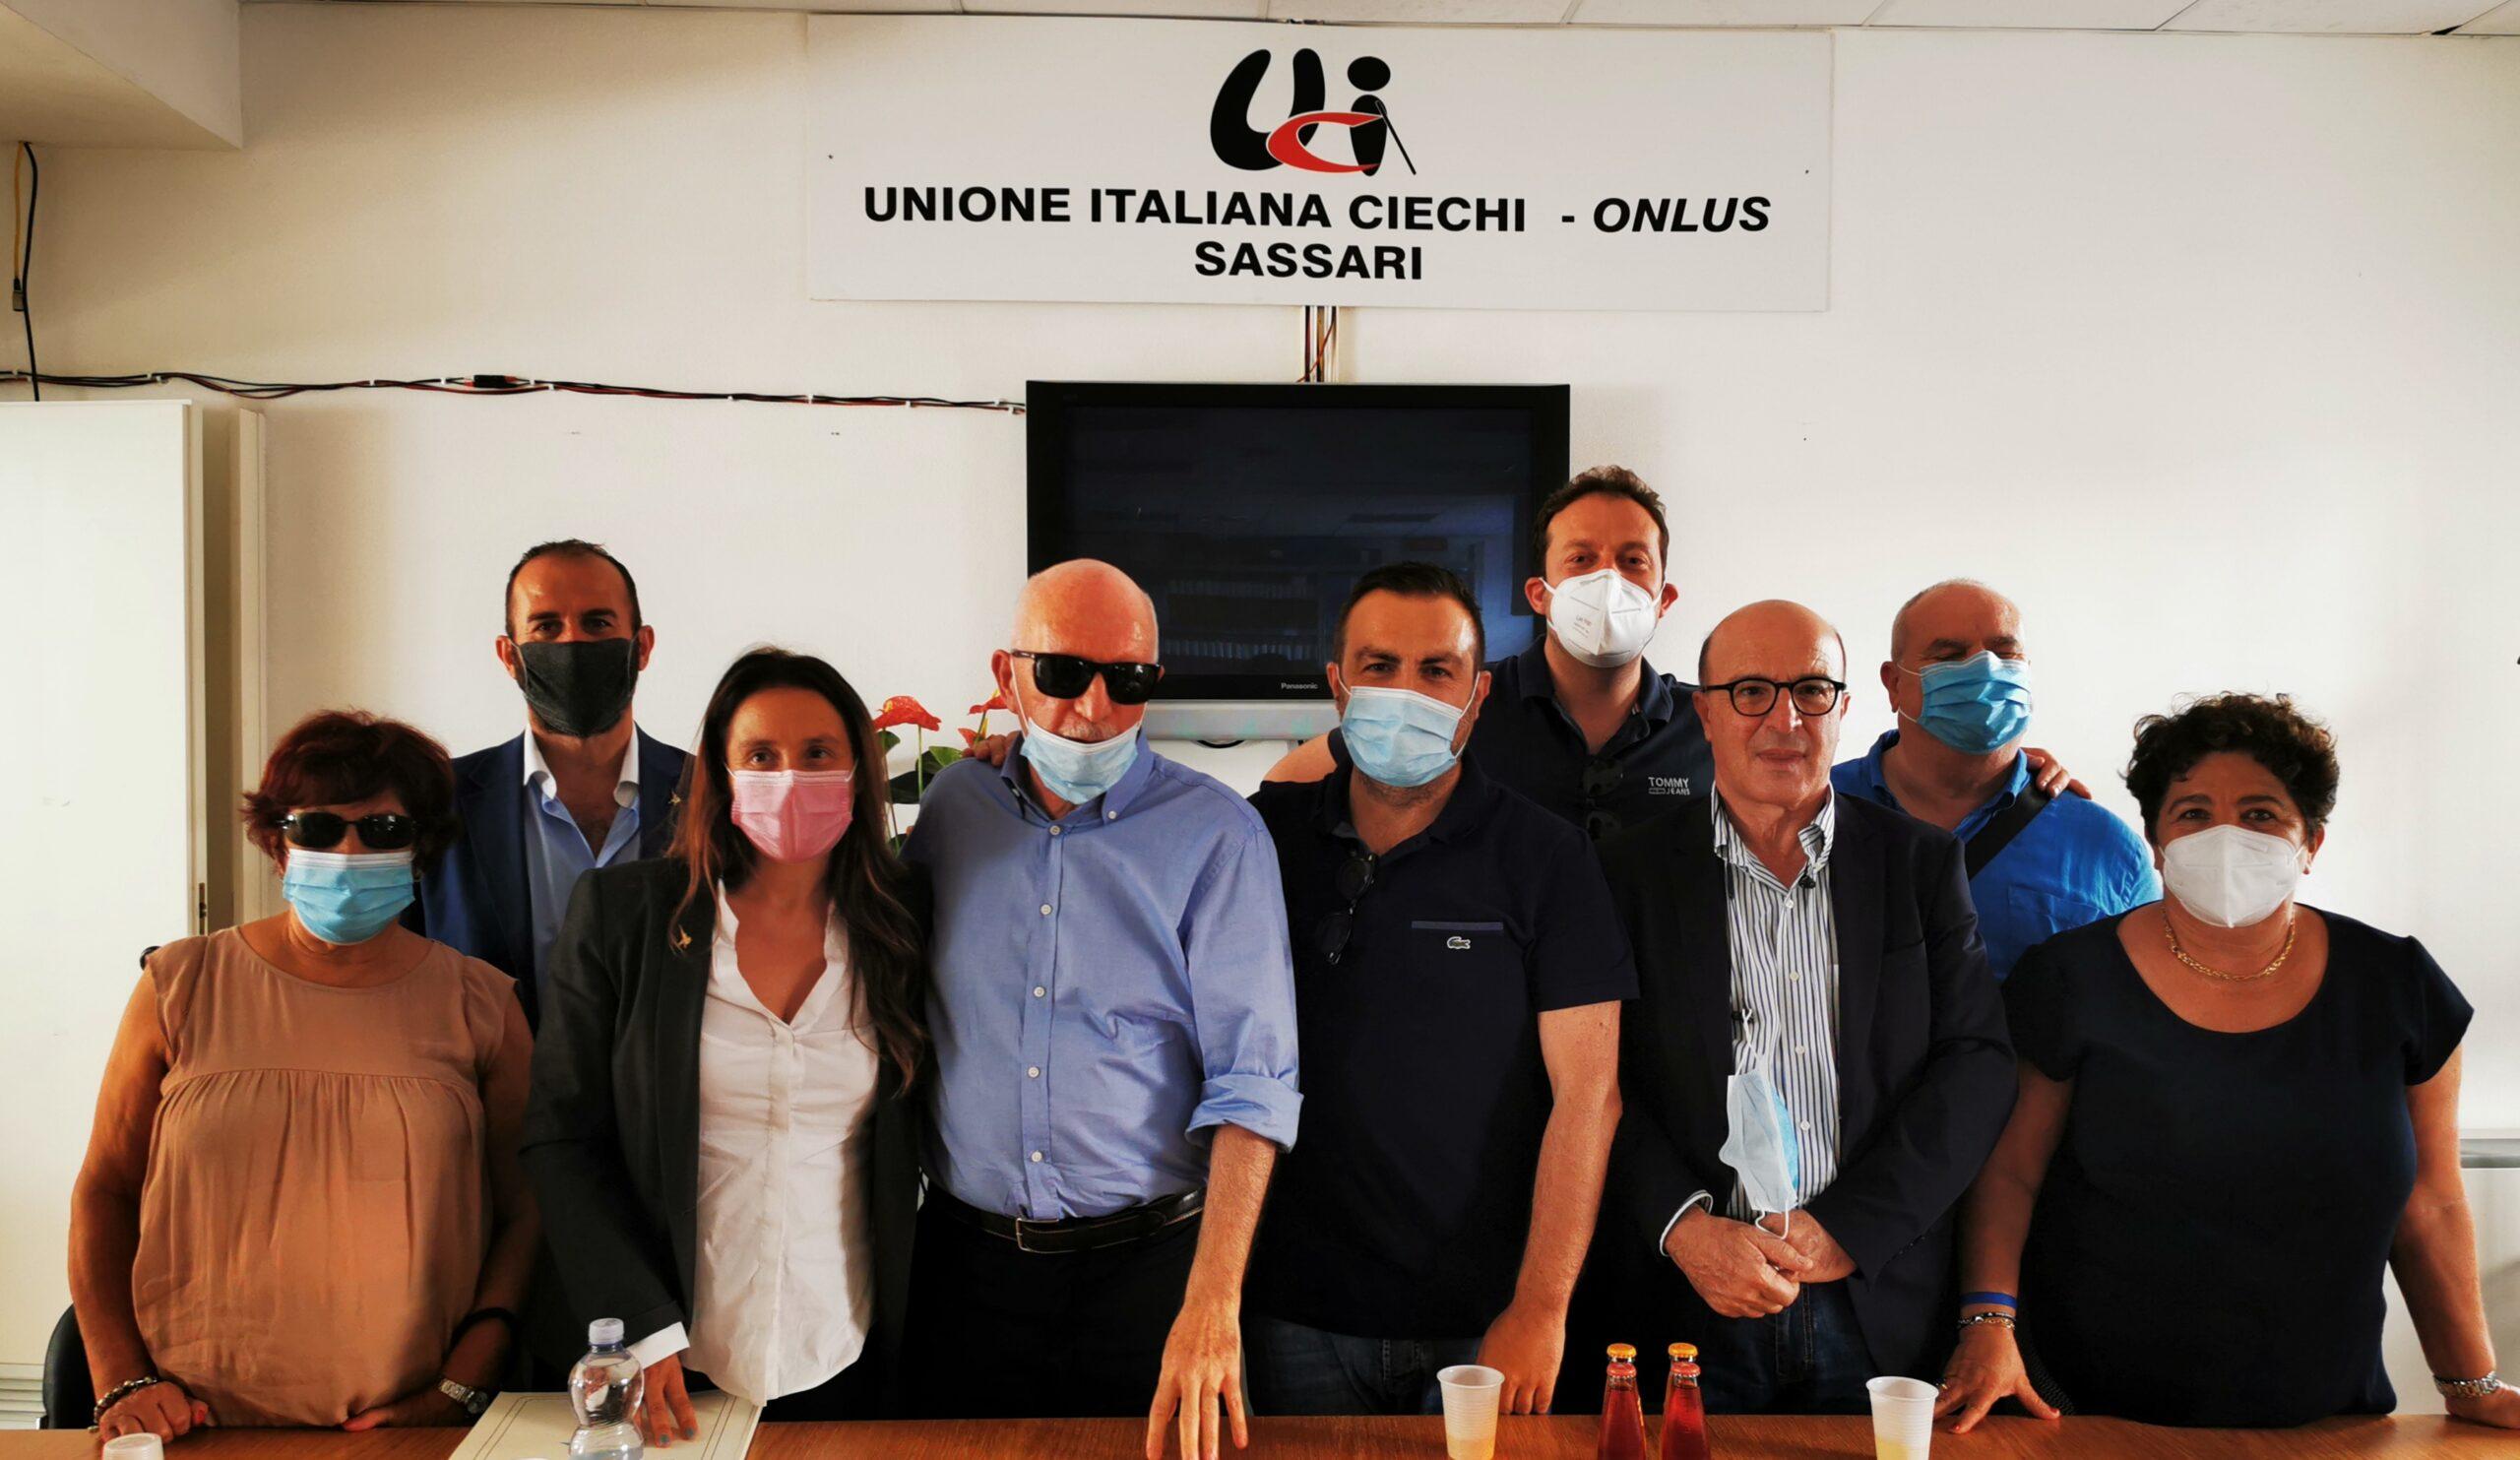 Unione ciechi Sassari, donato alla Lega il primo statuto politico stampato in Braille